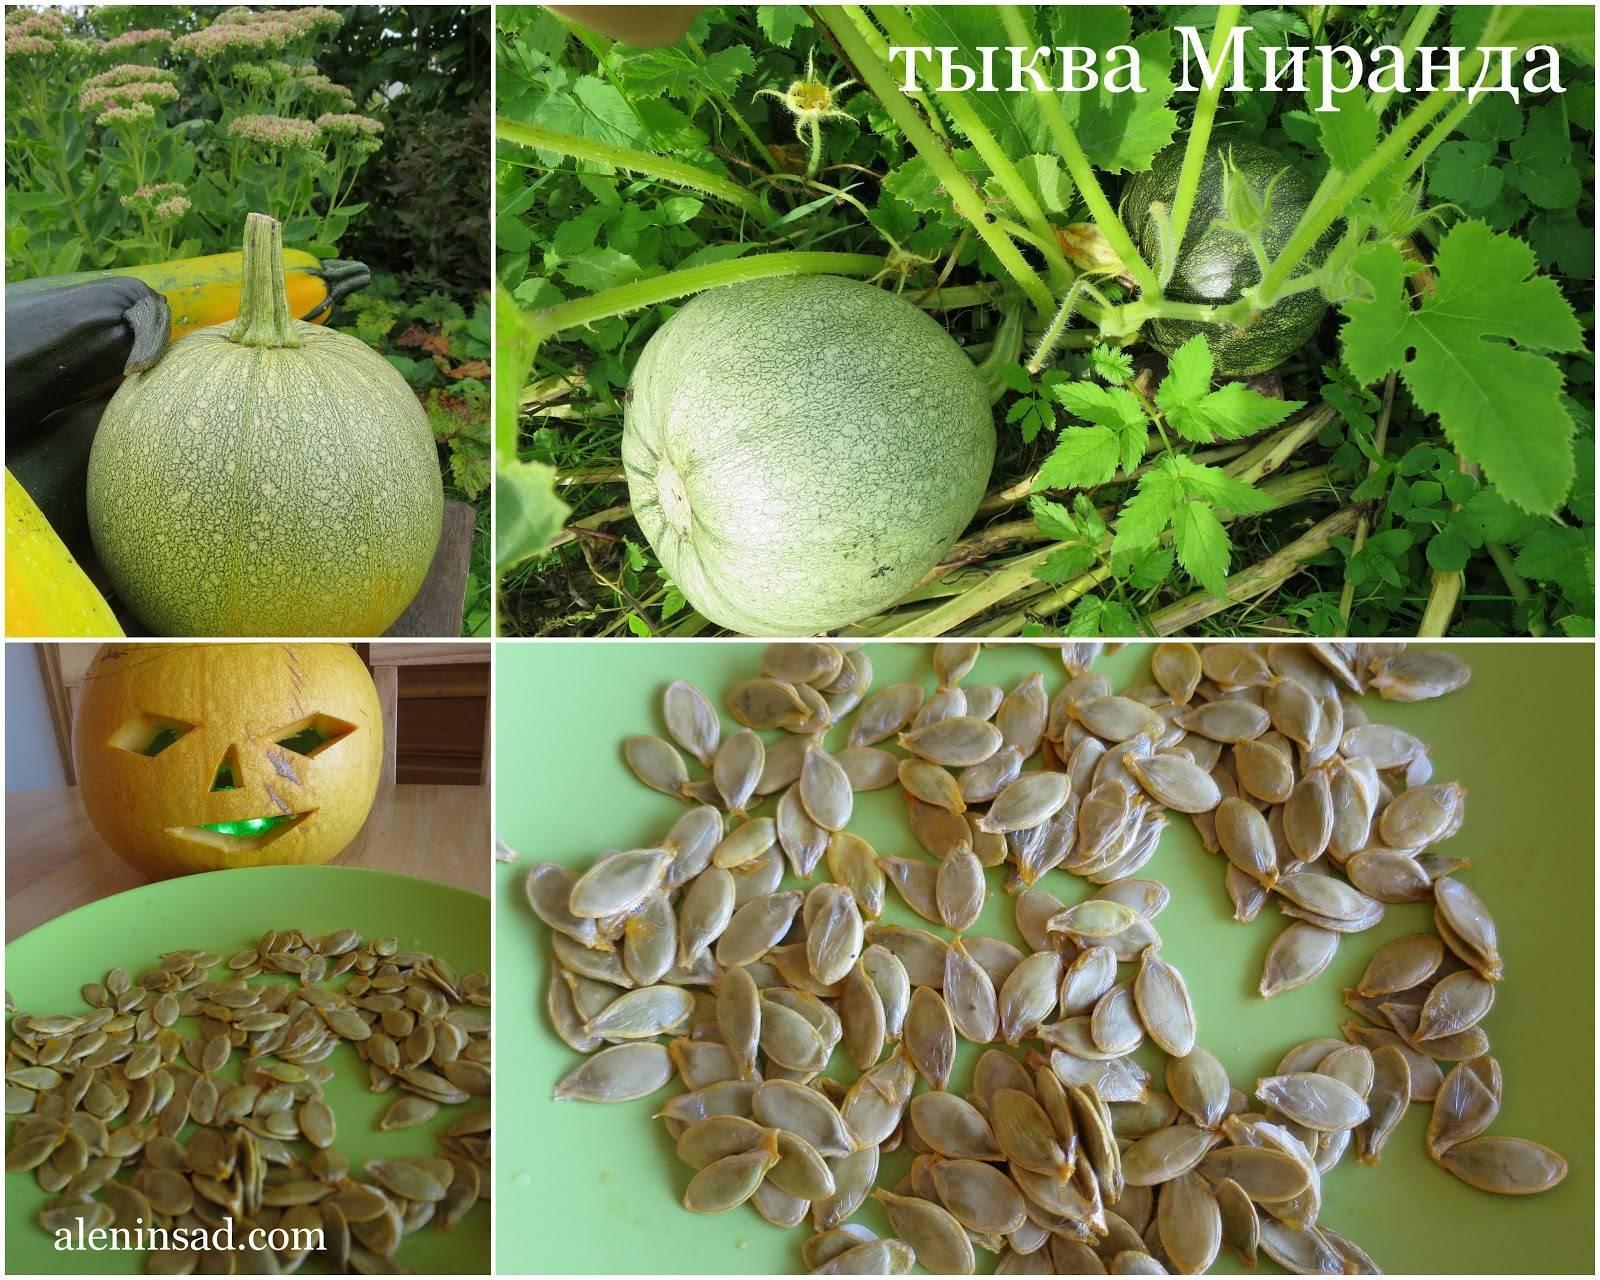 Как выращивать и ухаживать за тыквой в открытом грунте